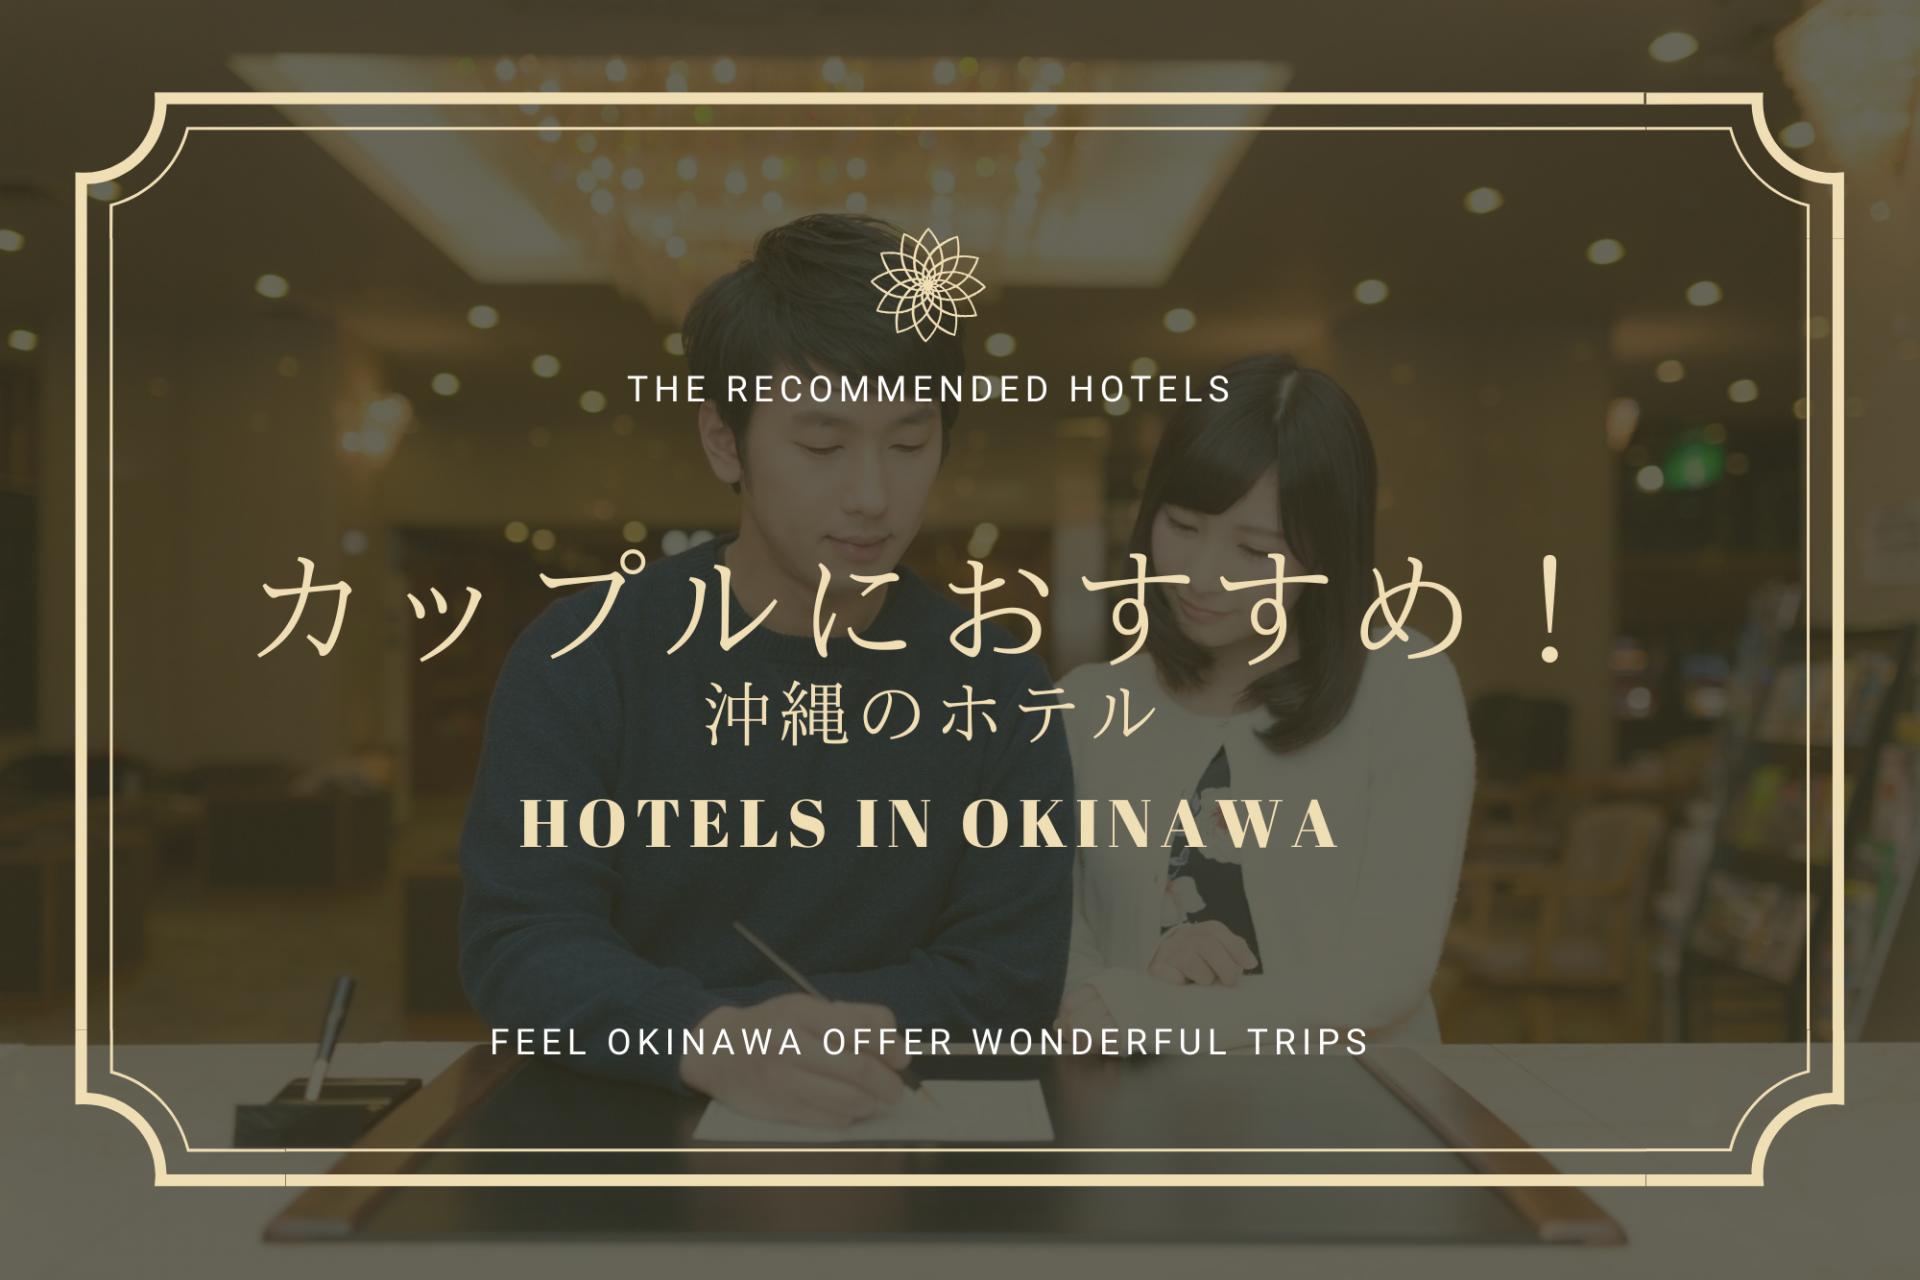 沖縄 ホテル カップル